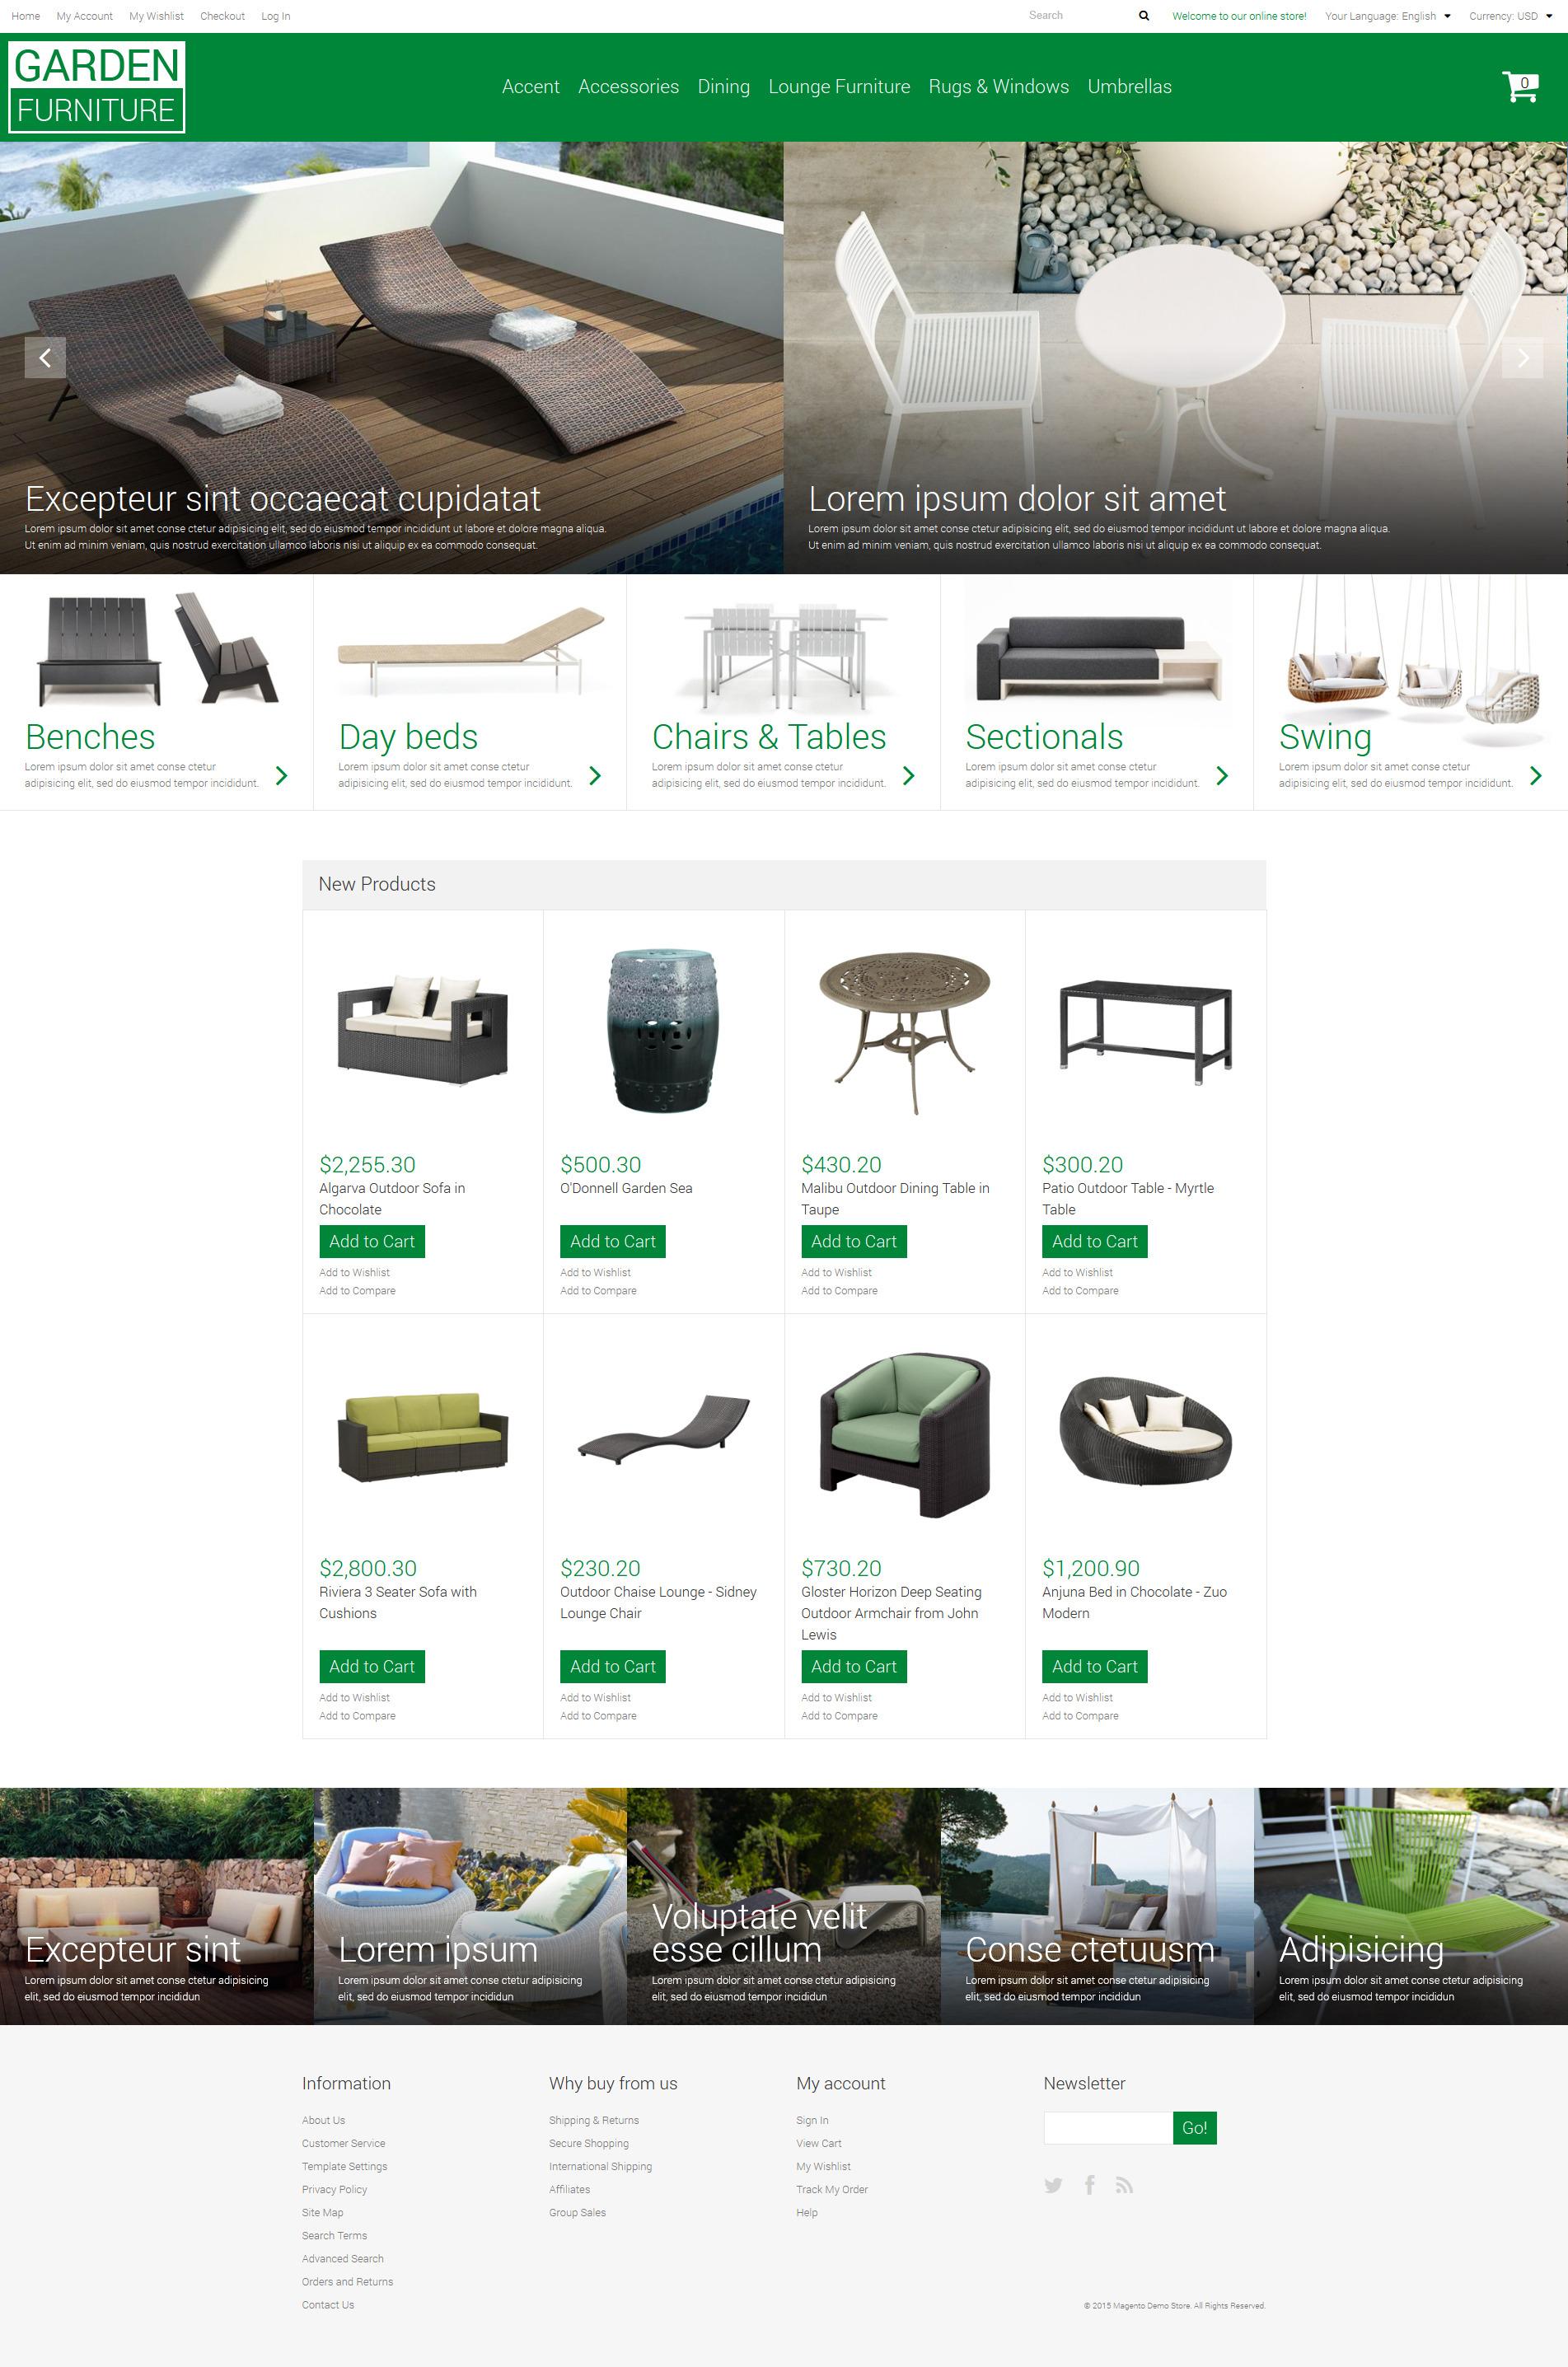 Responsywny szablon Magento Meble ogrodowe #53424 - zrzut ekranu